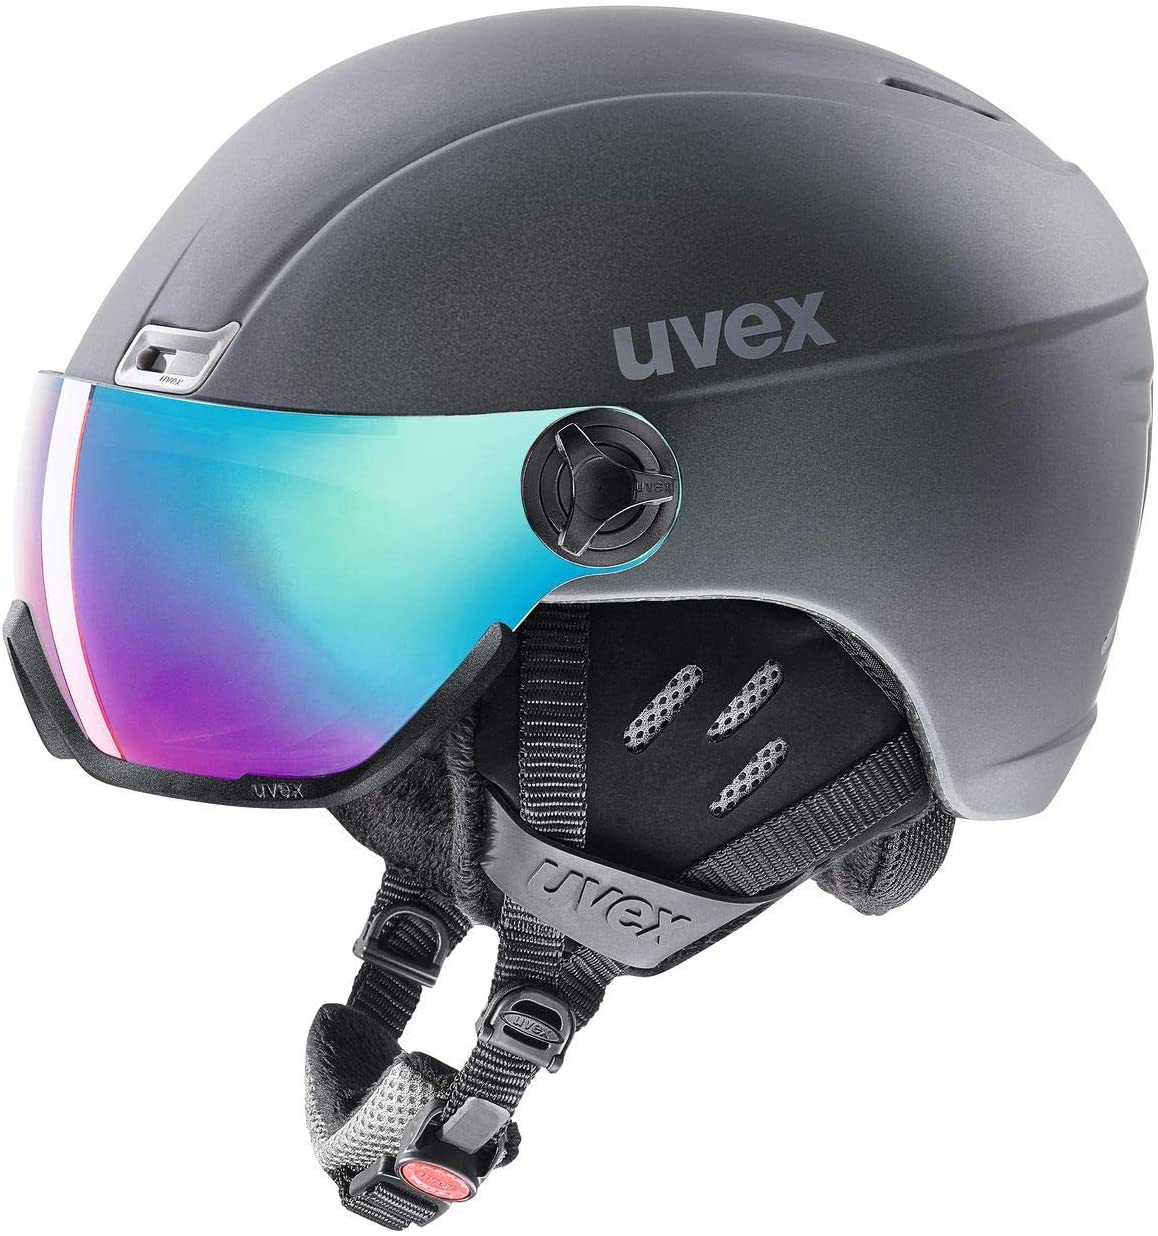 Uvex helmet 400, visor style ski helmet, Unisex